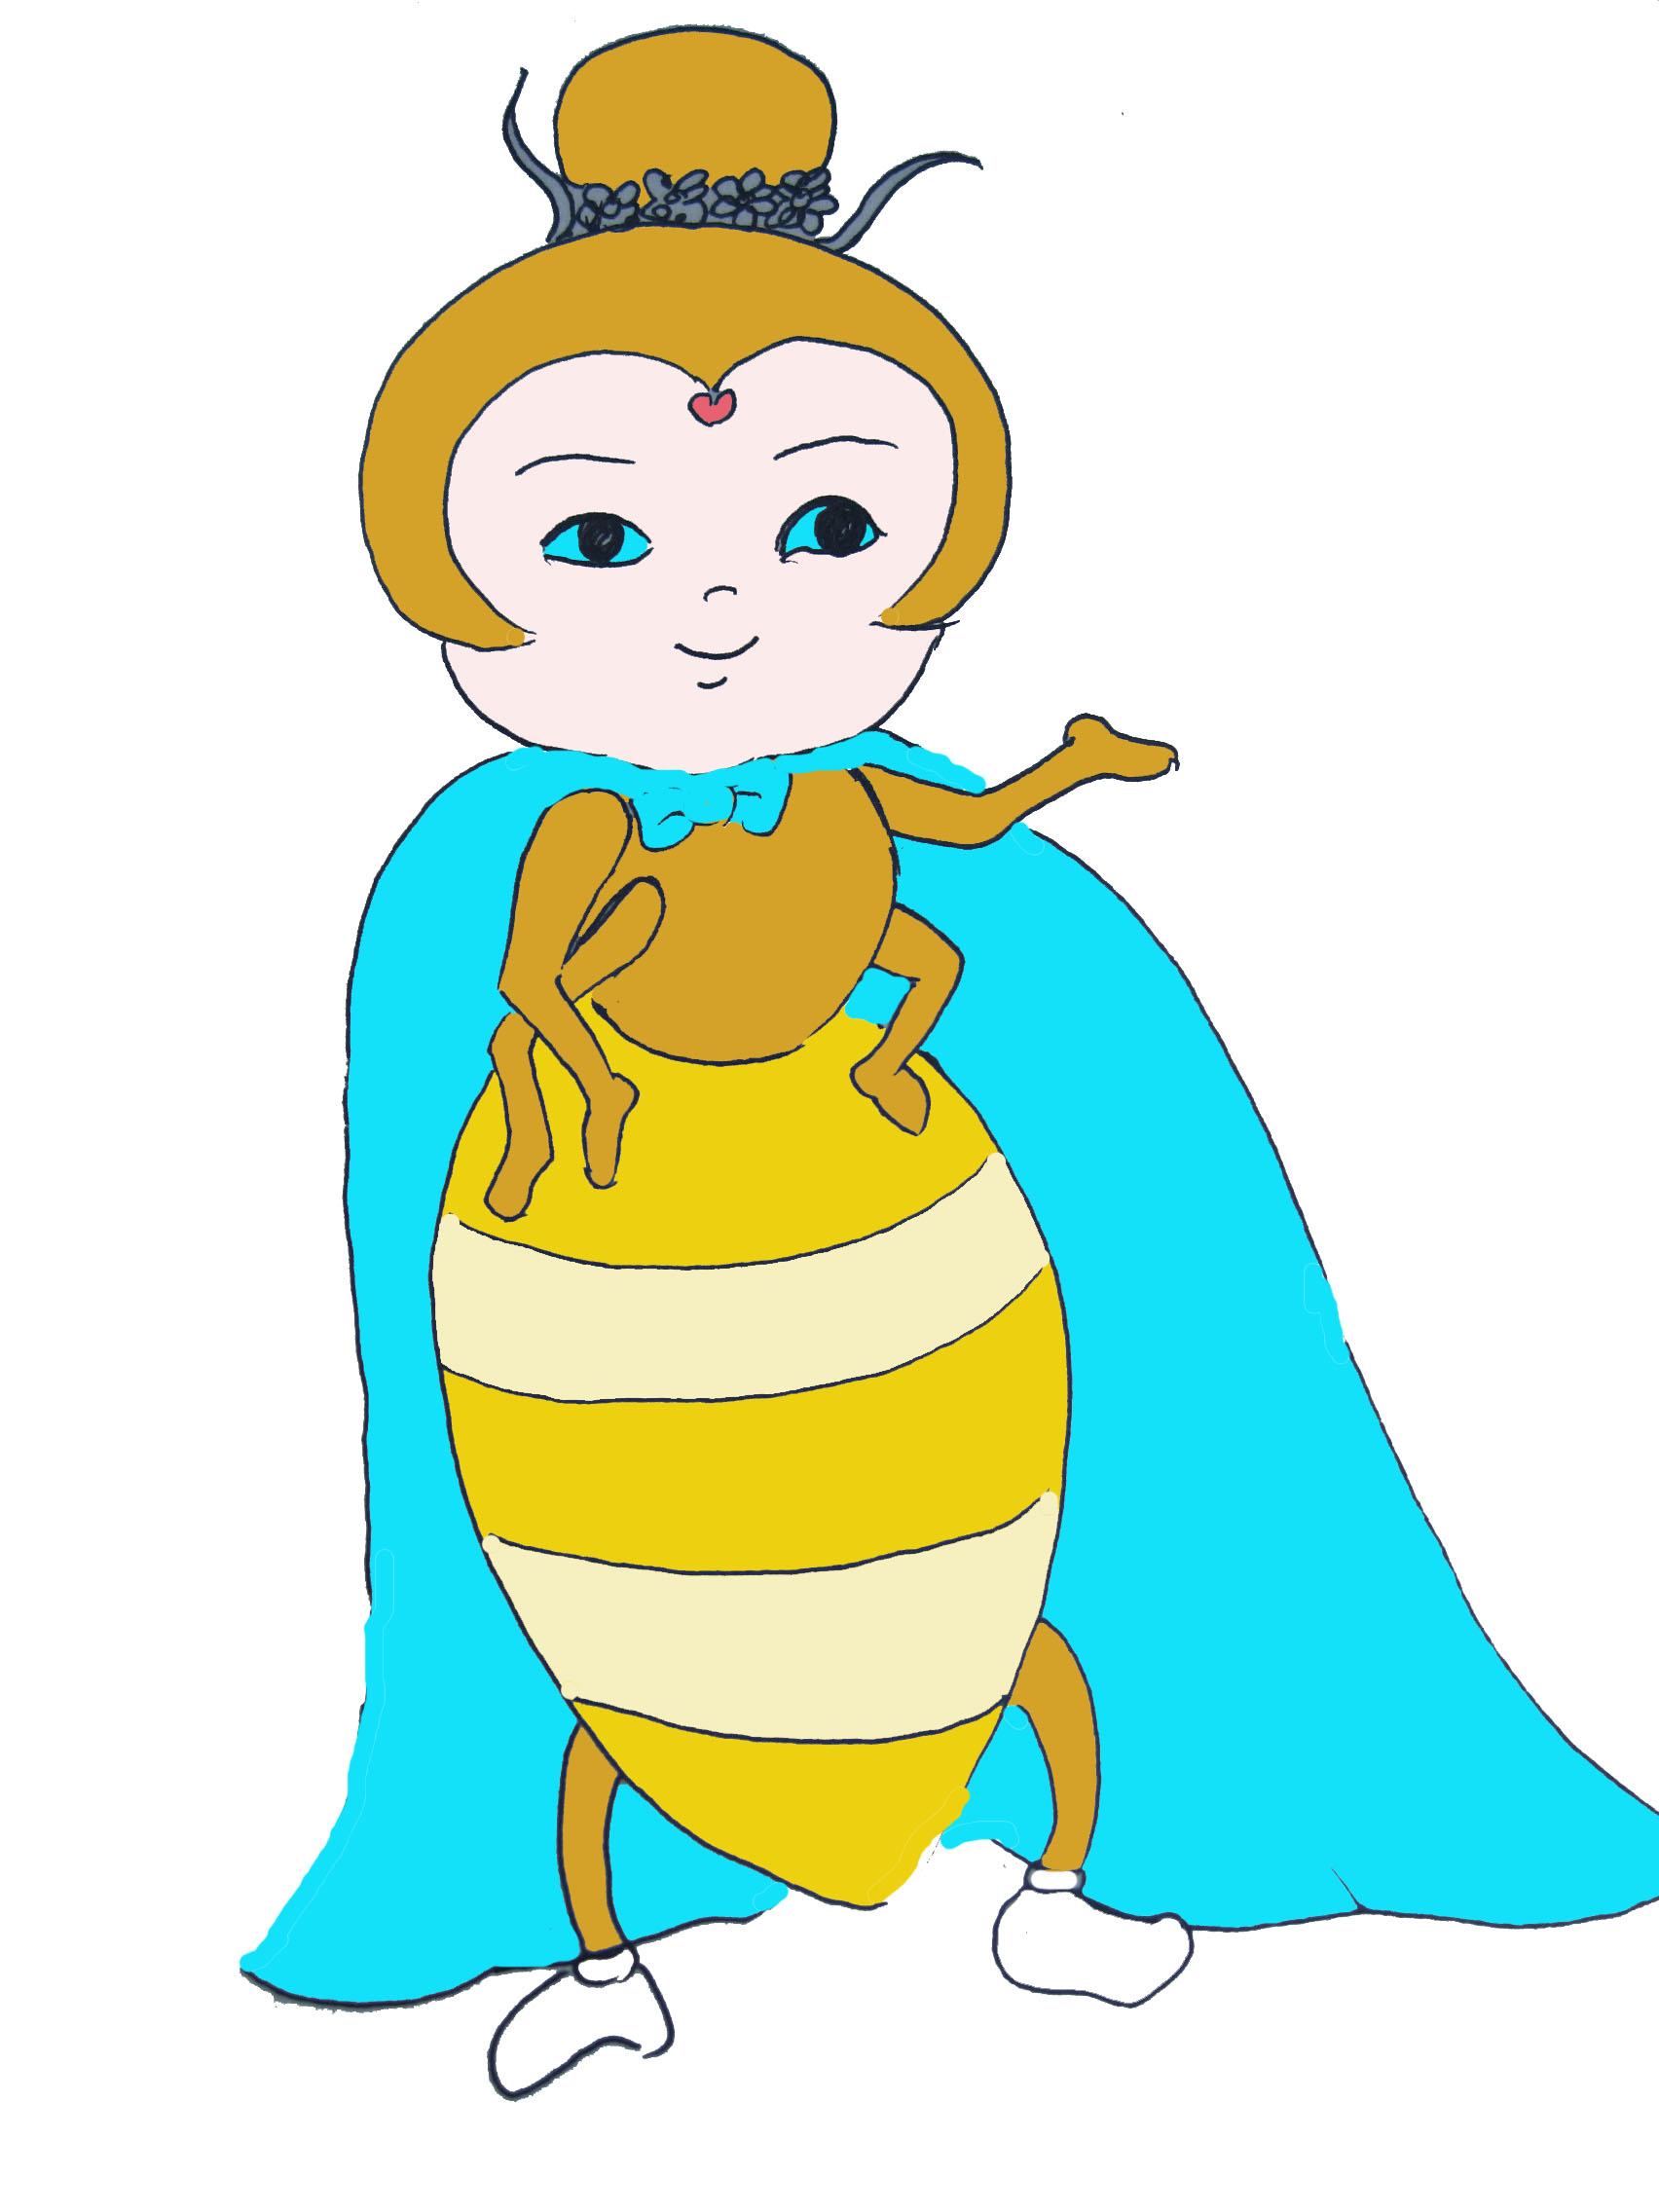 ((6月9号)本任务奖金加至1000元,请大家及时关注) 需要提供三视图,提供3D更好  卡通形象必须6条腿,头上有2个触角。 五只白蚁的卡通形象设计(一个白蚁王国的基本组成):工蚁、兵蚁、繁殖蚁、蚁后、蚁王 各自的基本特征和职责描述: 工蚁--白蚁王国的栋梁,担任王国内所有的工作,如建筑蚁冢,开掘隧道,修建蚁路,培养菌圃,采集食物,饲育幼蚁与兵蚁,看护蚁卵等等繁重的事务,从无怨言地辛勤操劳一生。体长一般不到一厘米,颜色白色(设计时颜色不限)。 兵